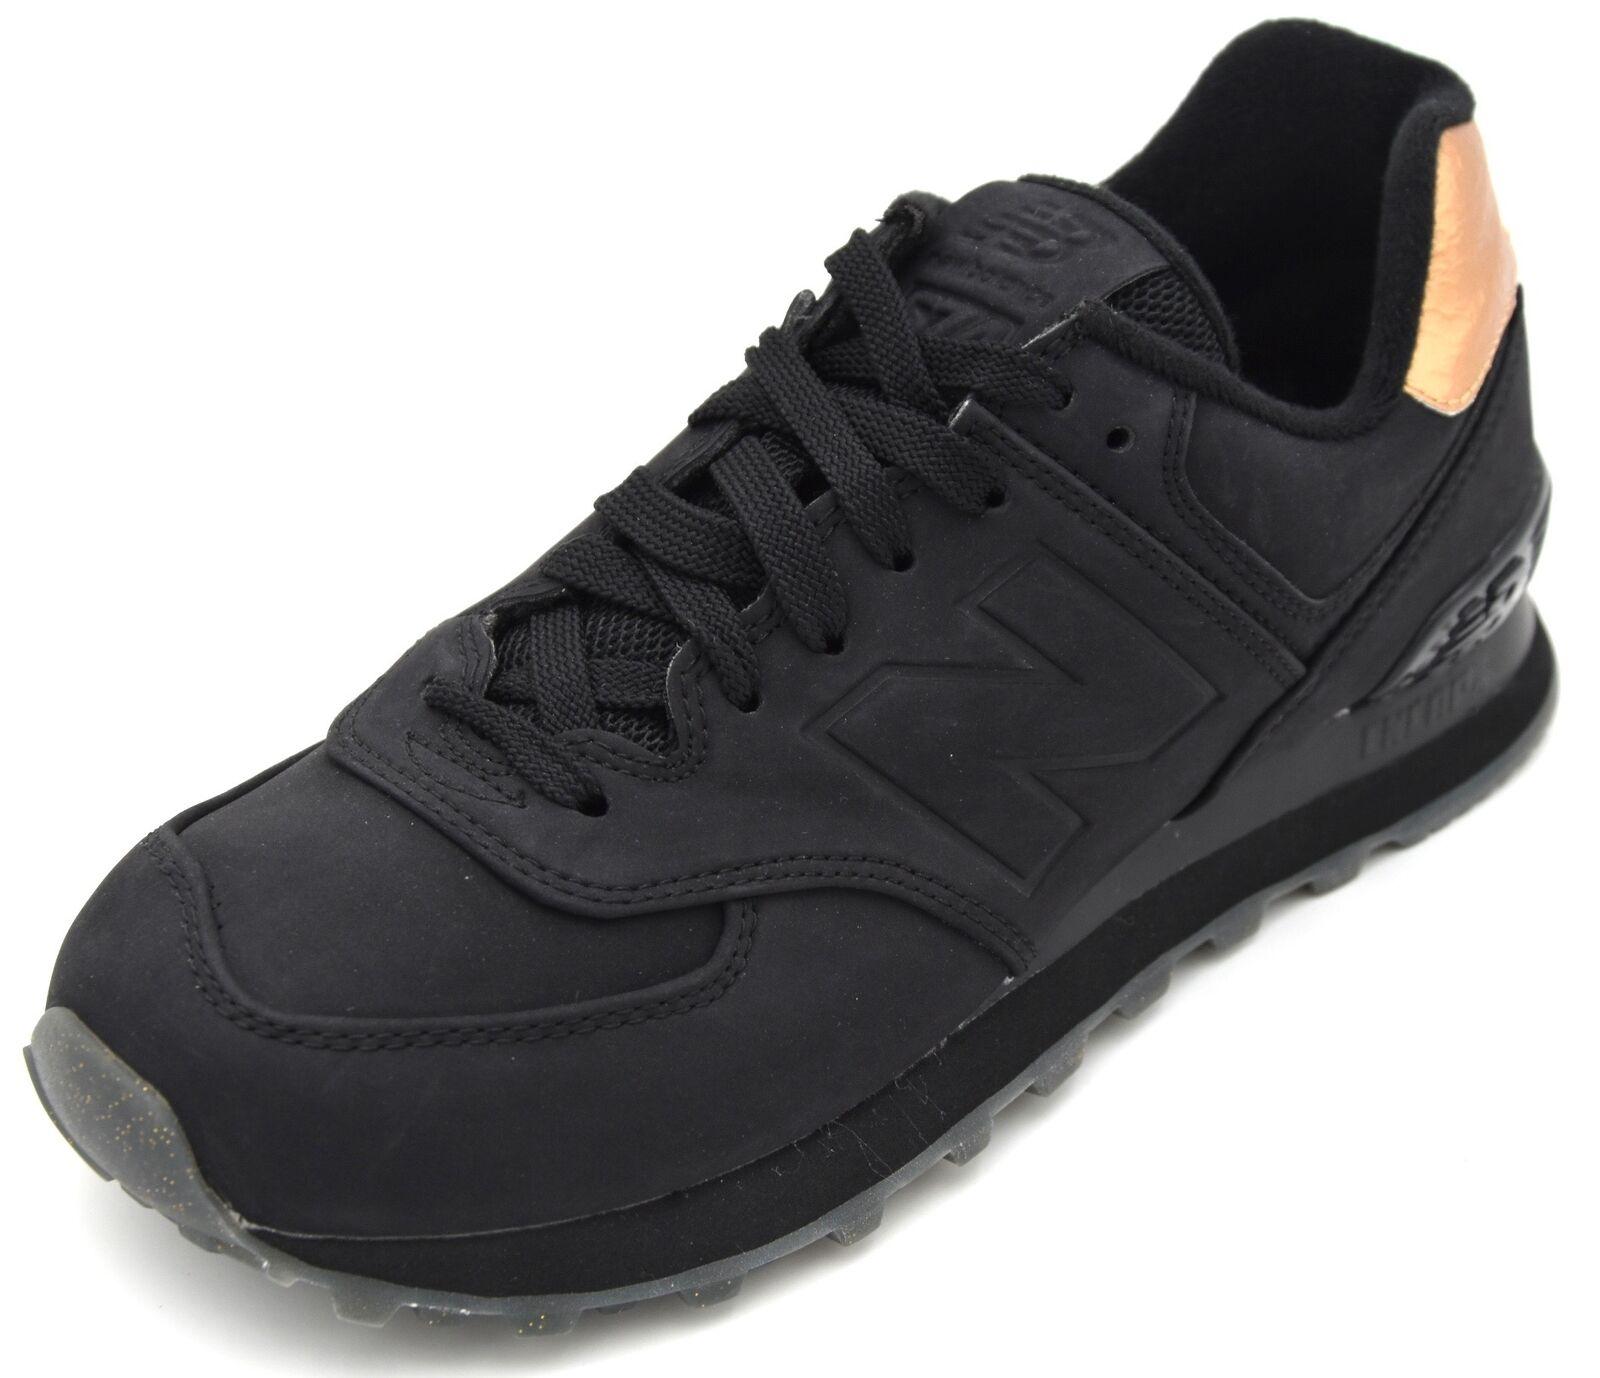 NUOVE  DANNE DI BAMBINI TURNscarpe FRIZEITscarpe scarpe da ginnastica CASUALE ARTE.WL574MTC  negozio online